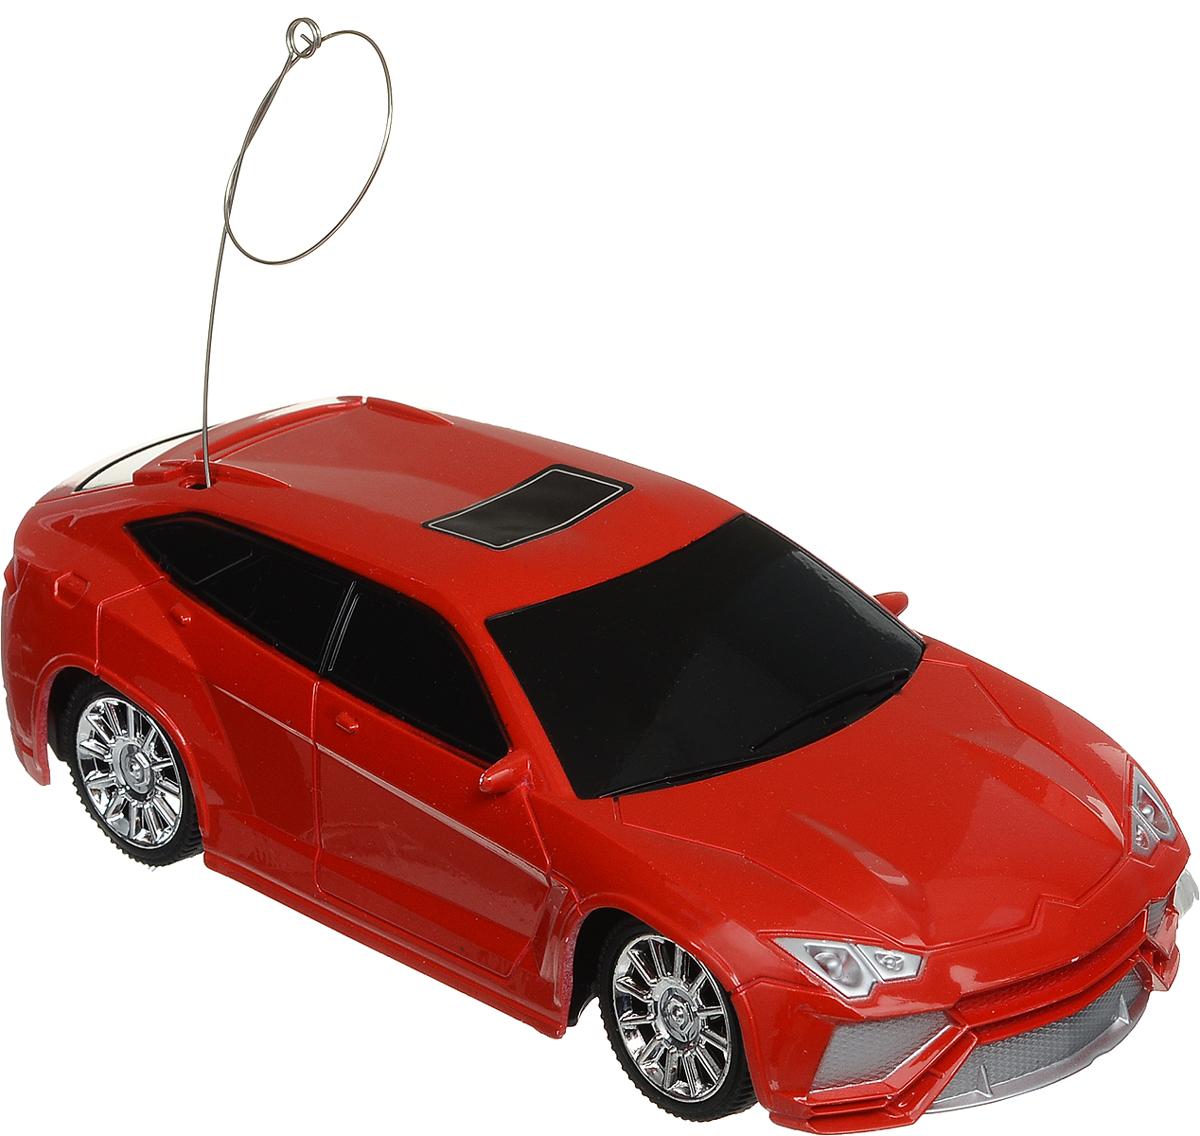 Yako Машина на радиоуправлении цвет красный Y19242007 игрушечные машинки на пульте управления по грязи купить